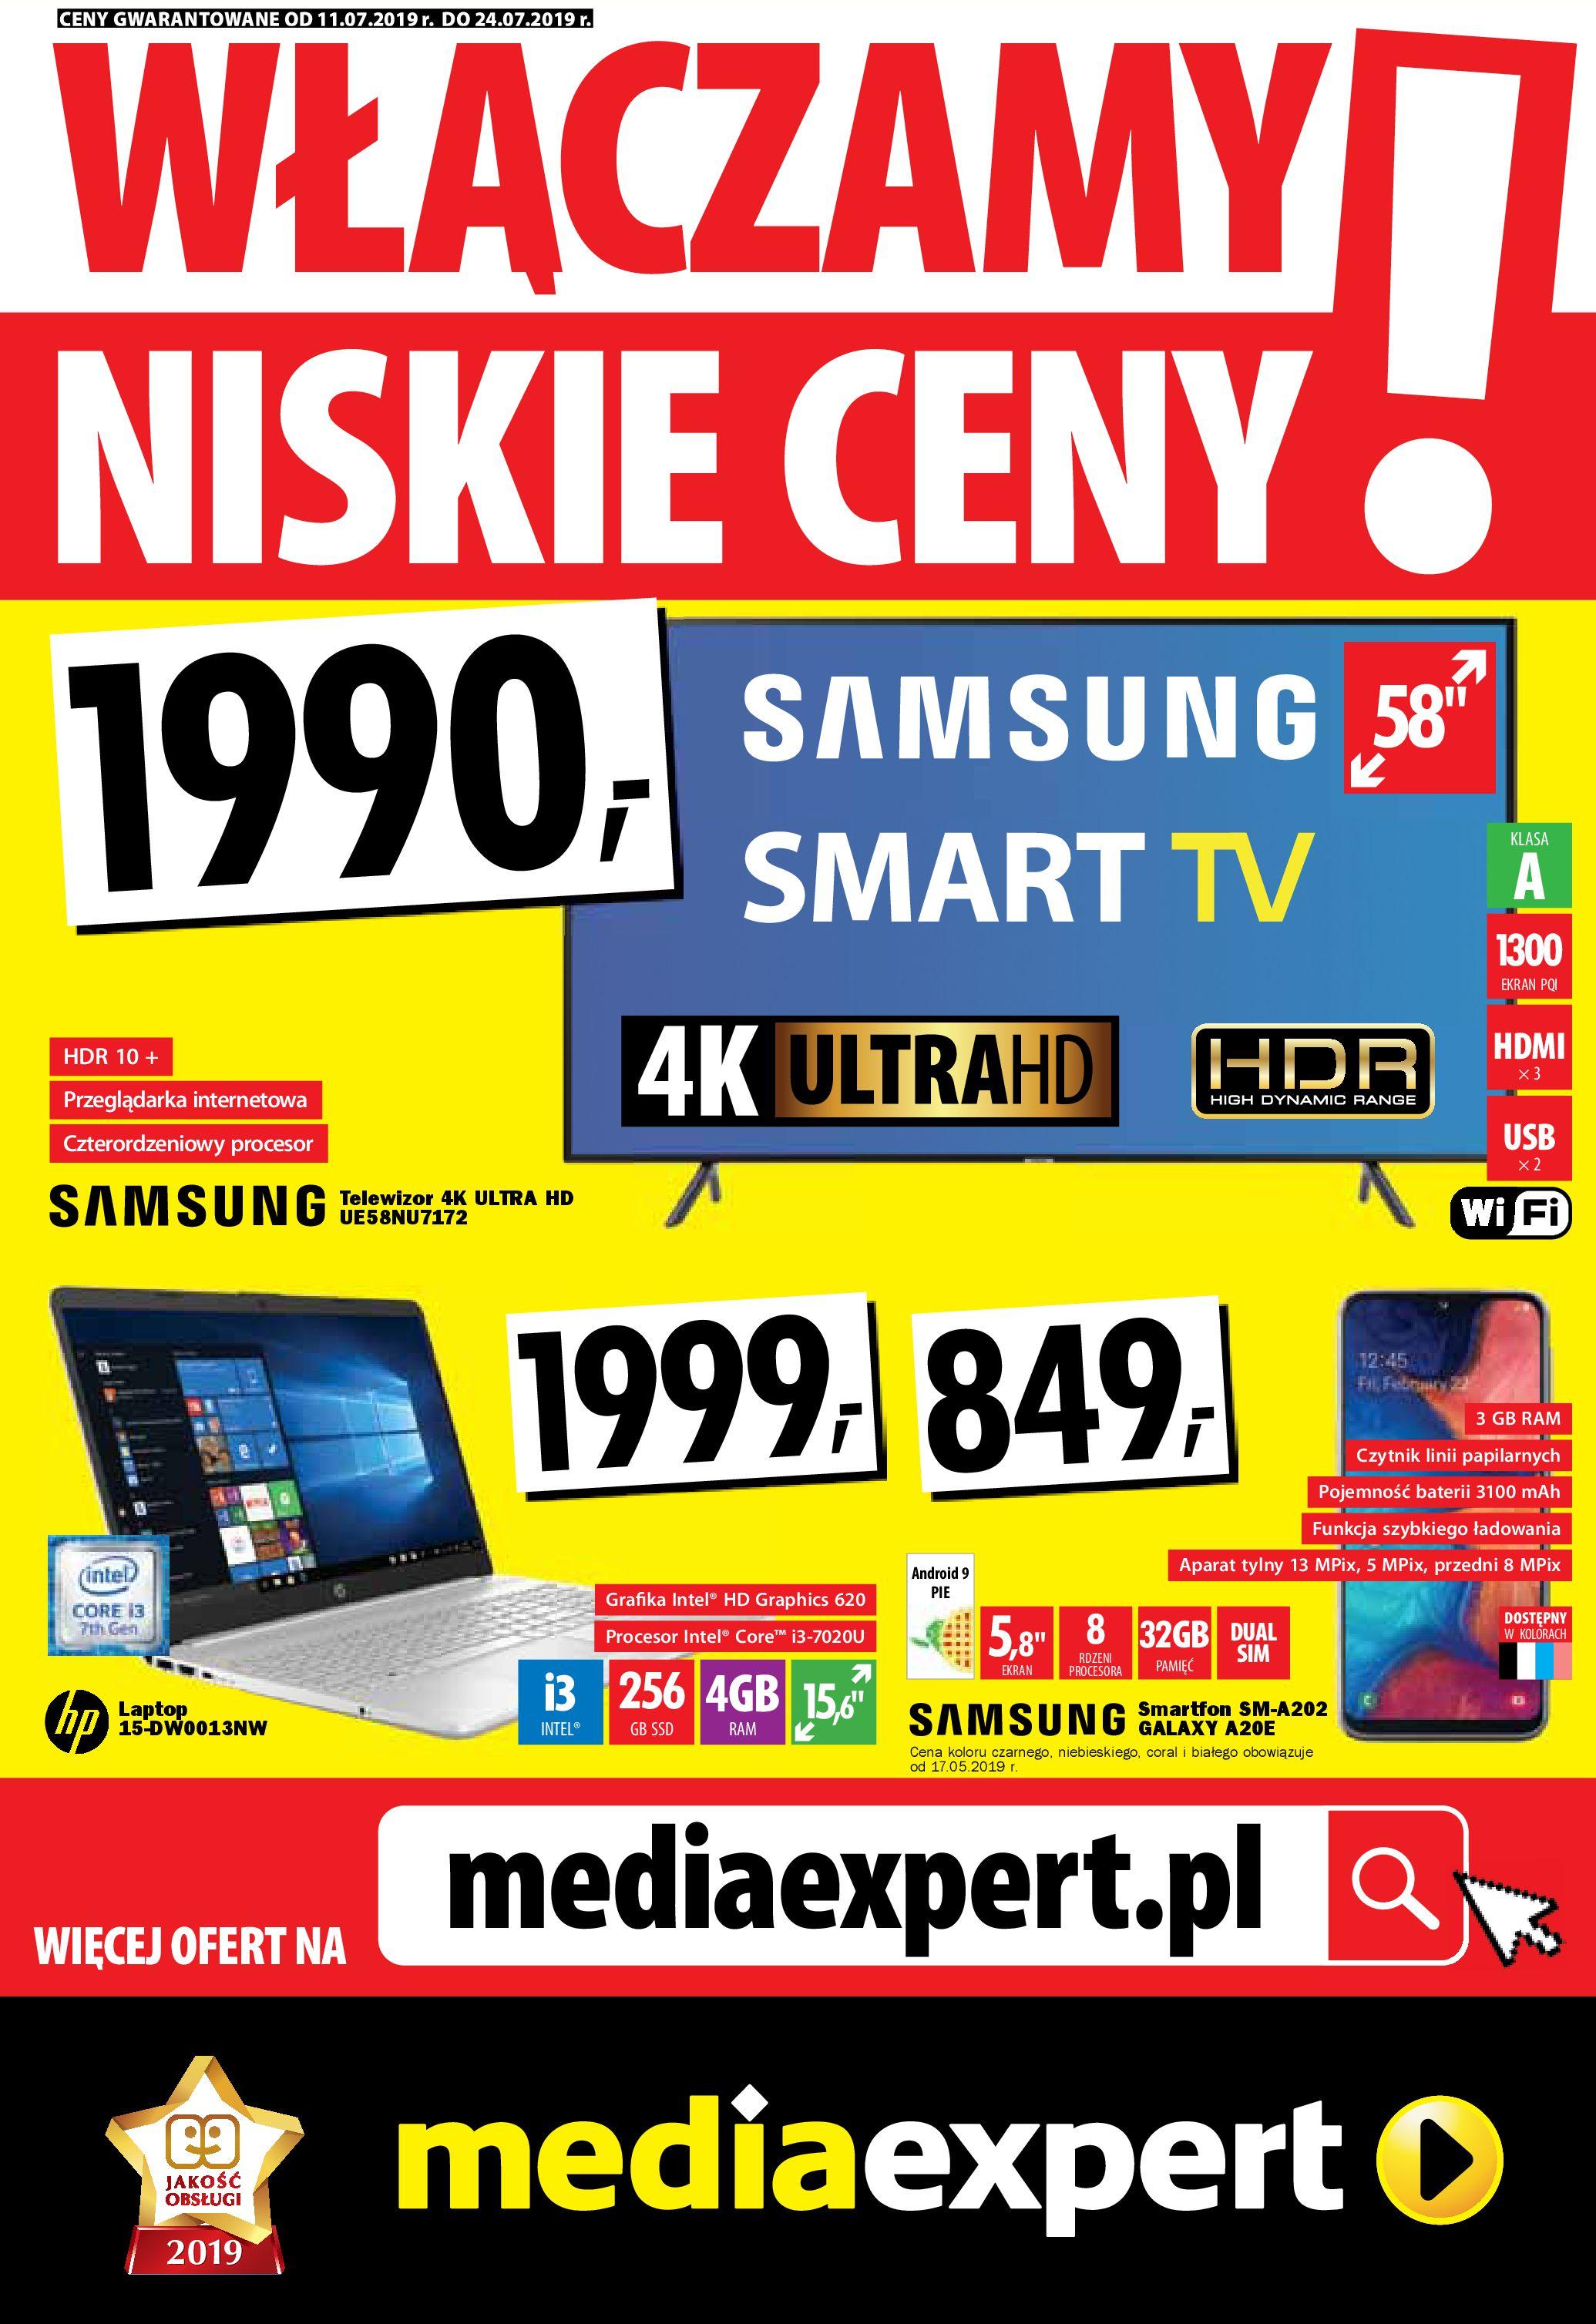 Gazetka Media Expert - Włączamy niskie ceny!-10.07.2019-24.07.2019-page-1